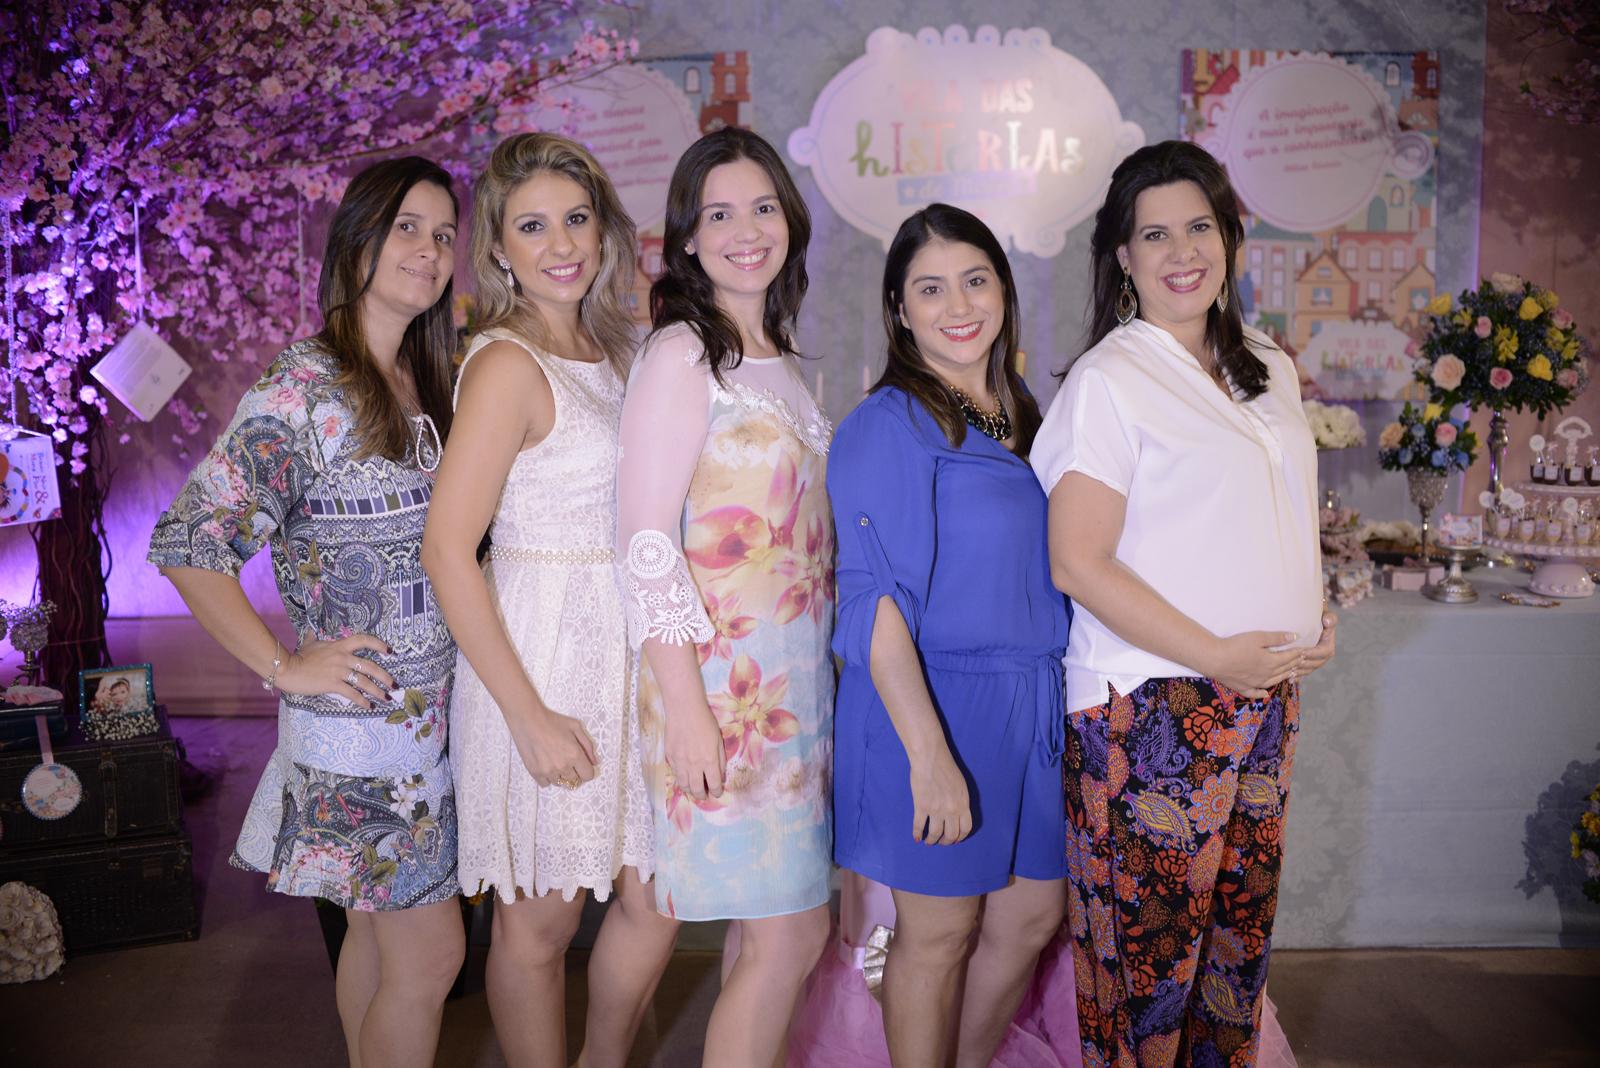 Marília Teófilo, Viviane Aragão, Priscylla Brasileiro, Nathália Teixeira e Patrícia Ferreira